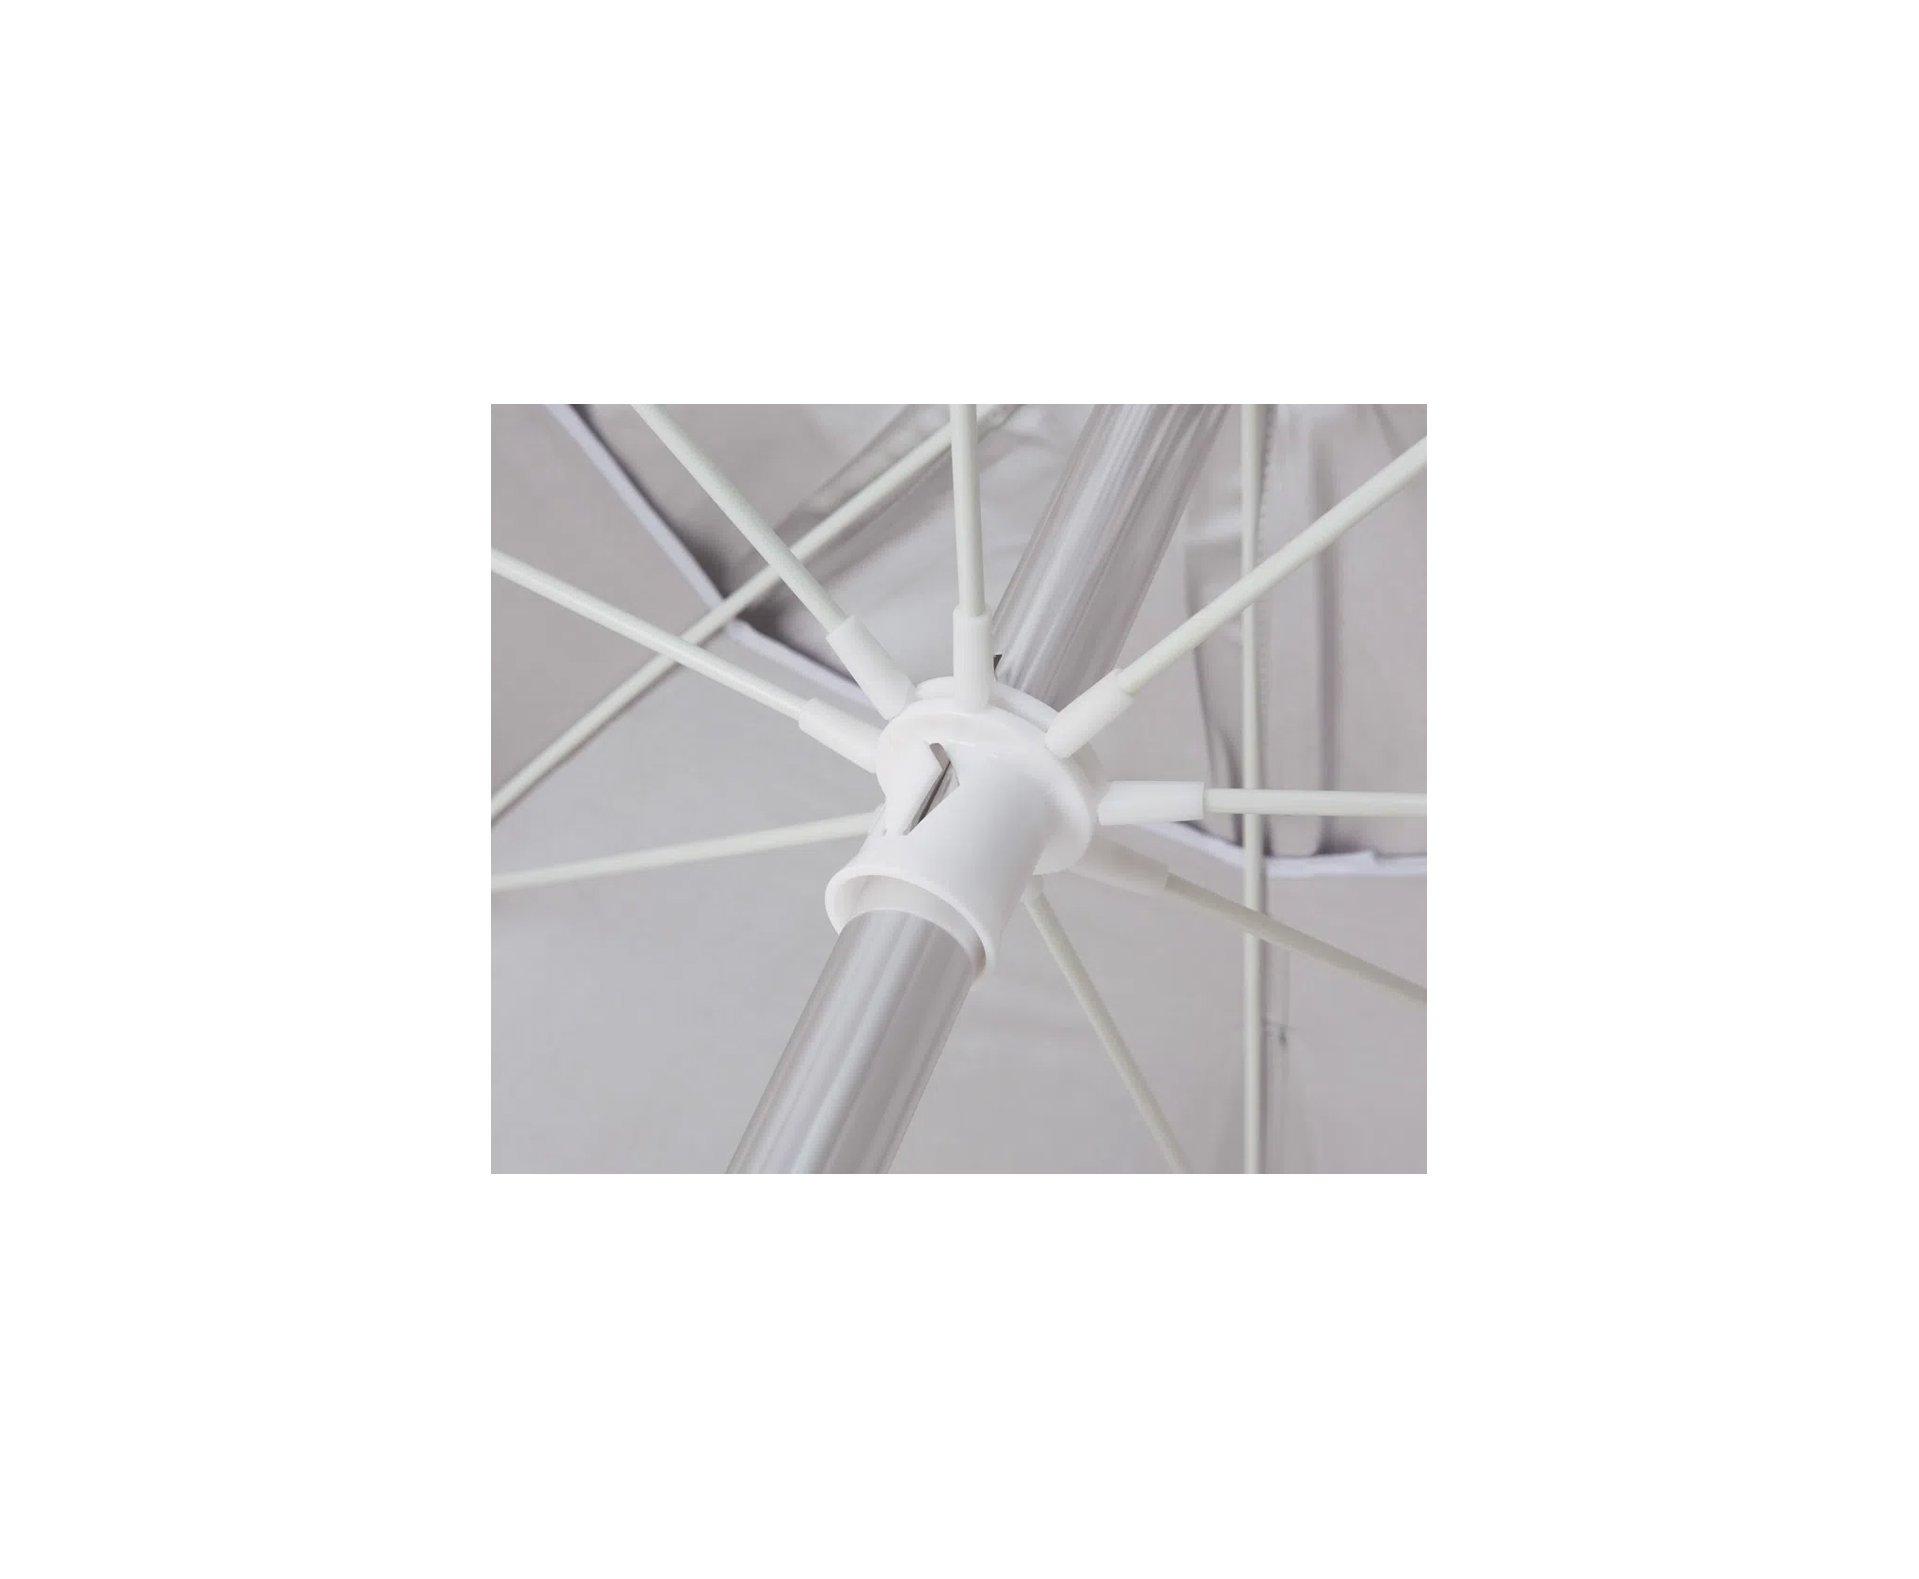 Guarda - Sol  Alumínio Articulado 2,40m Cores Variadas - Mor